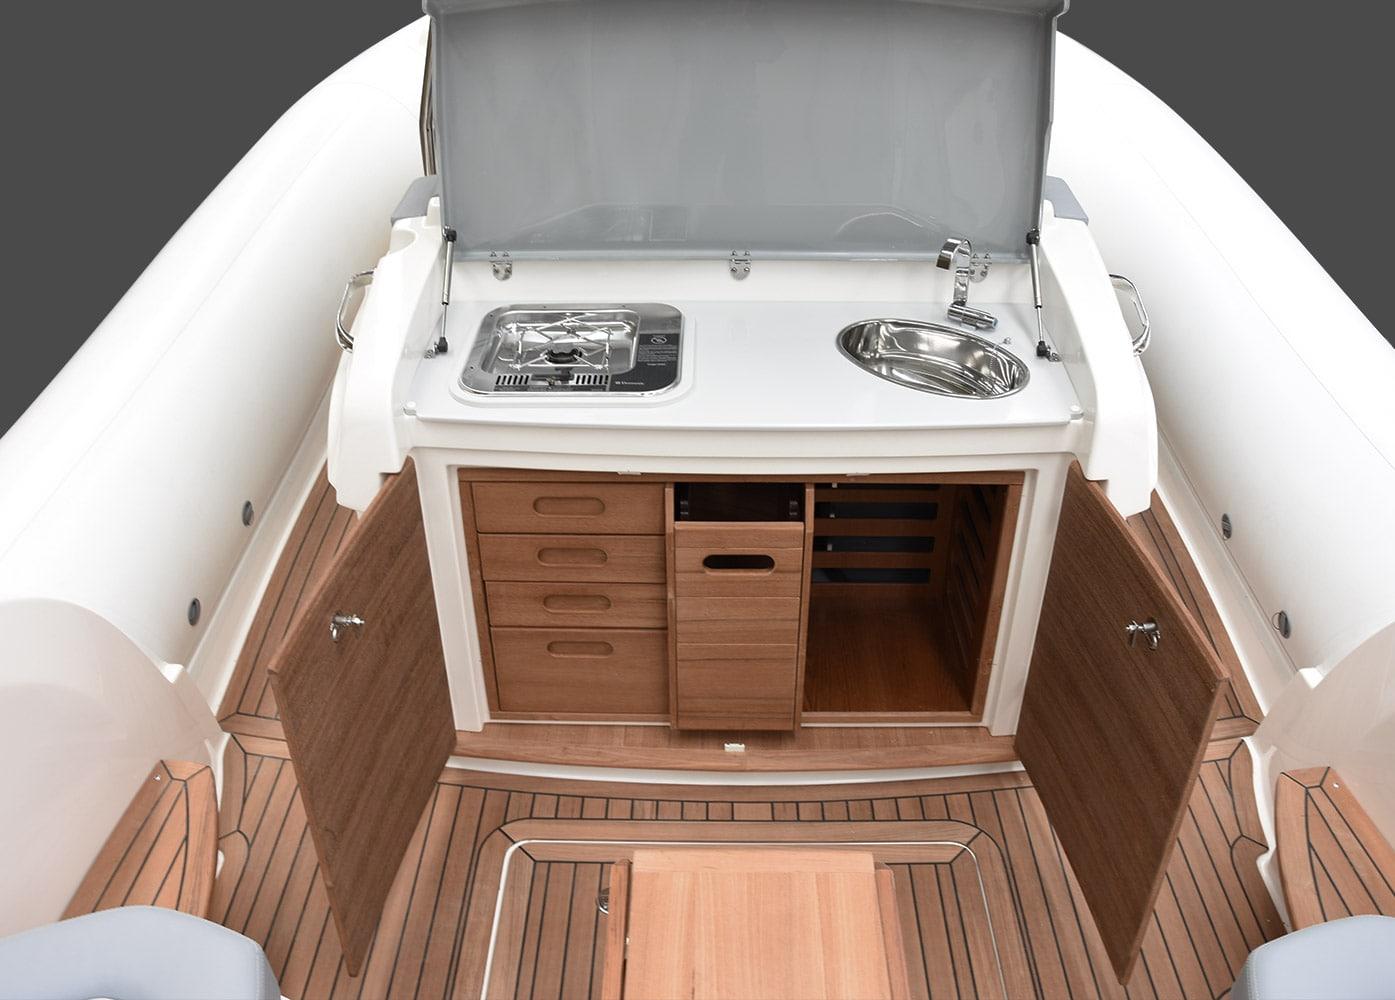 Modello fuoribordo 372 marlin boat - Mobile per lavandino cucina ...